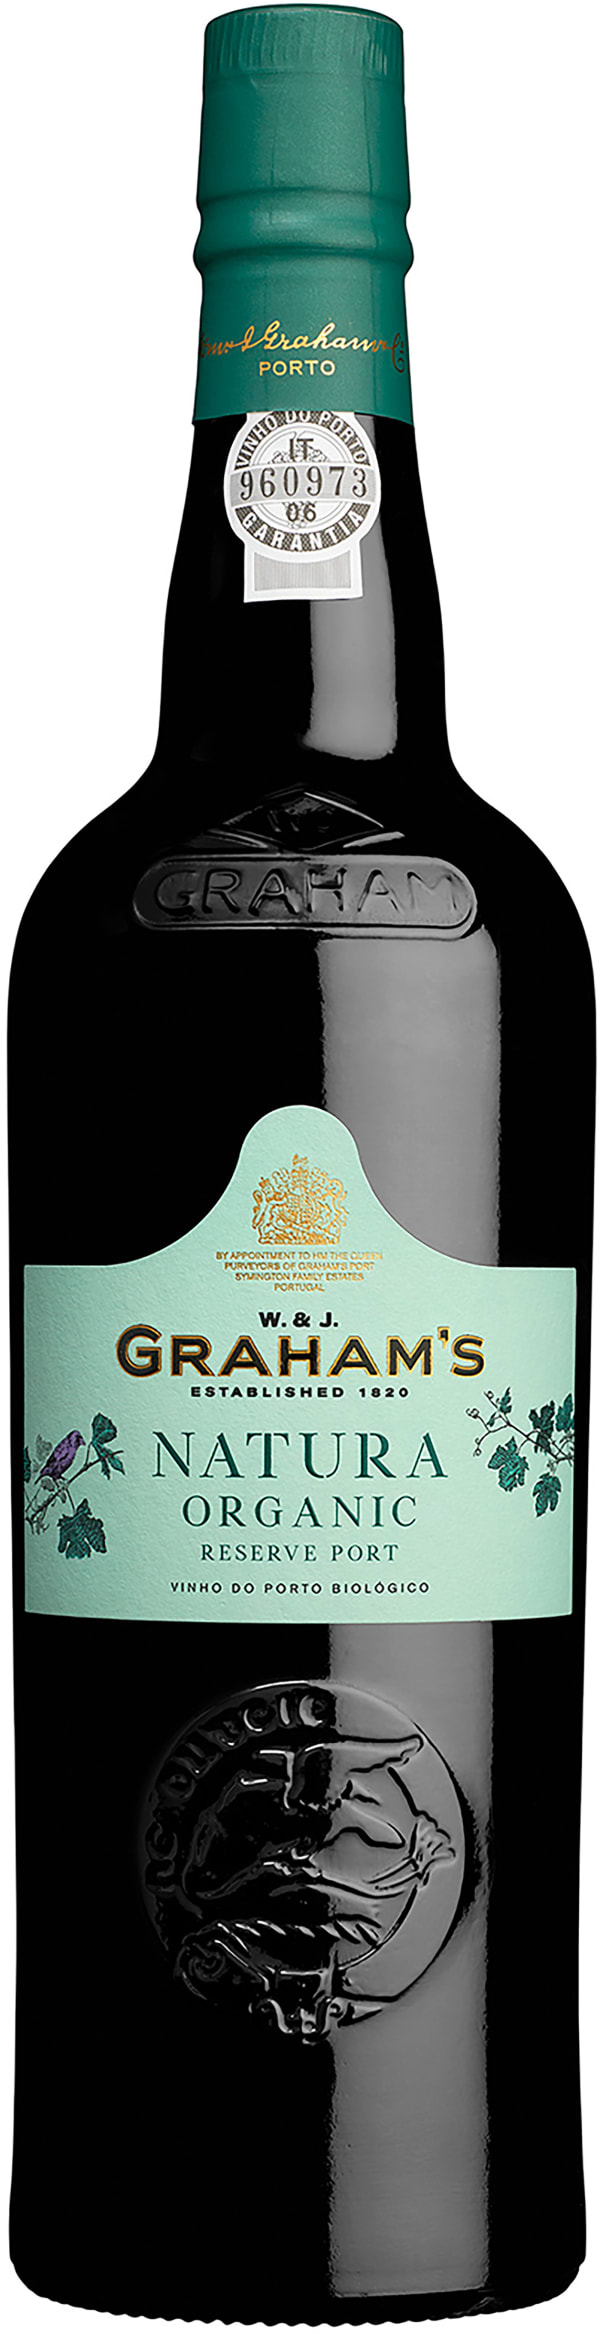 Graham's Natura Reserve Port